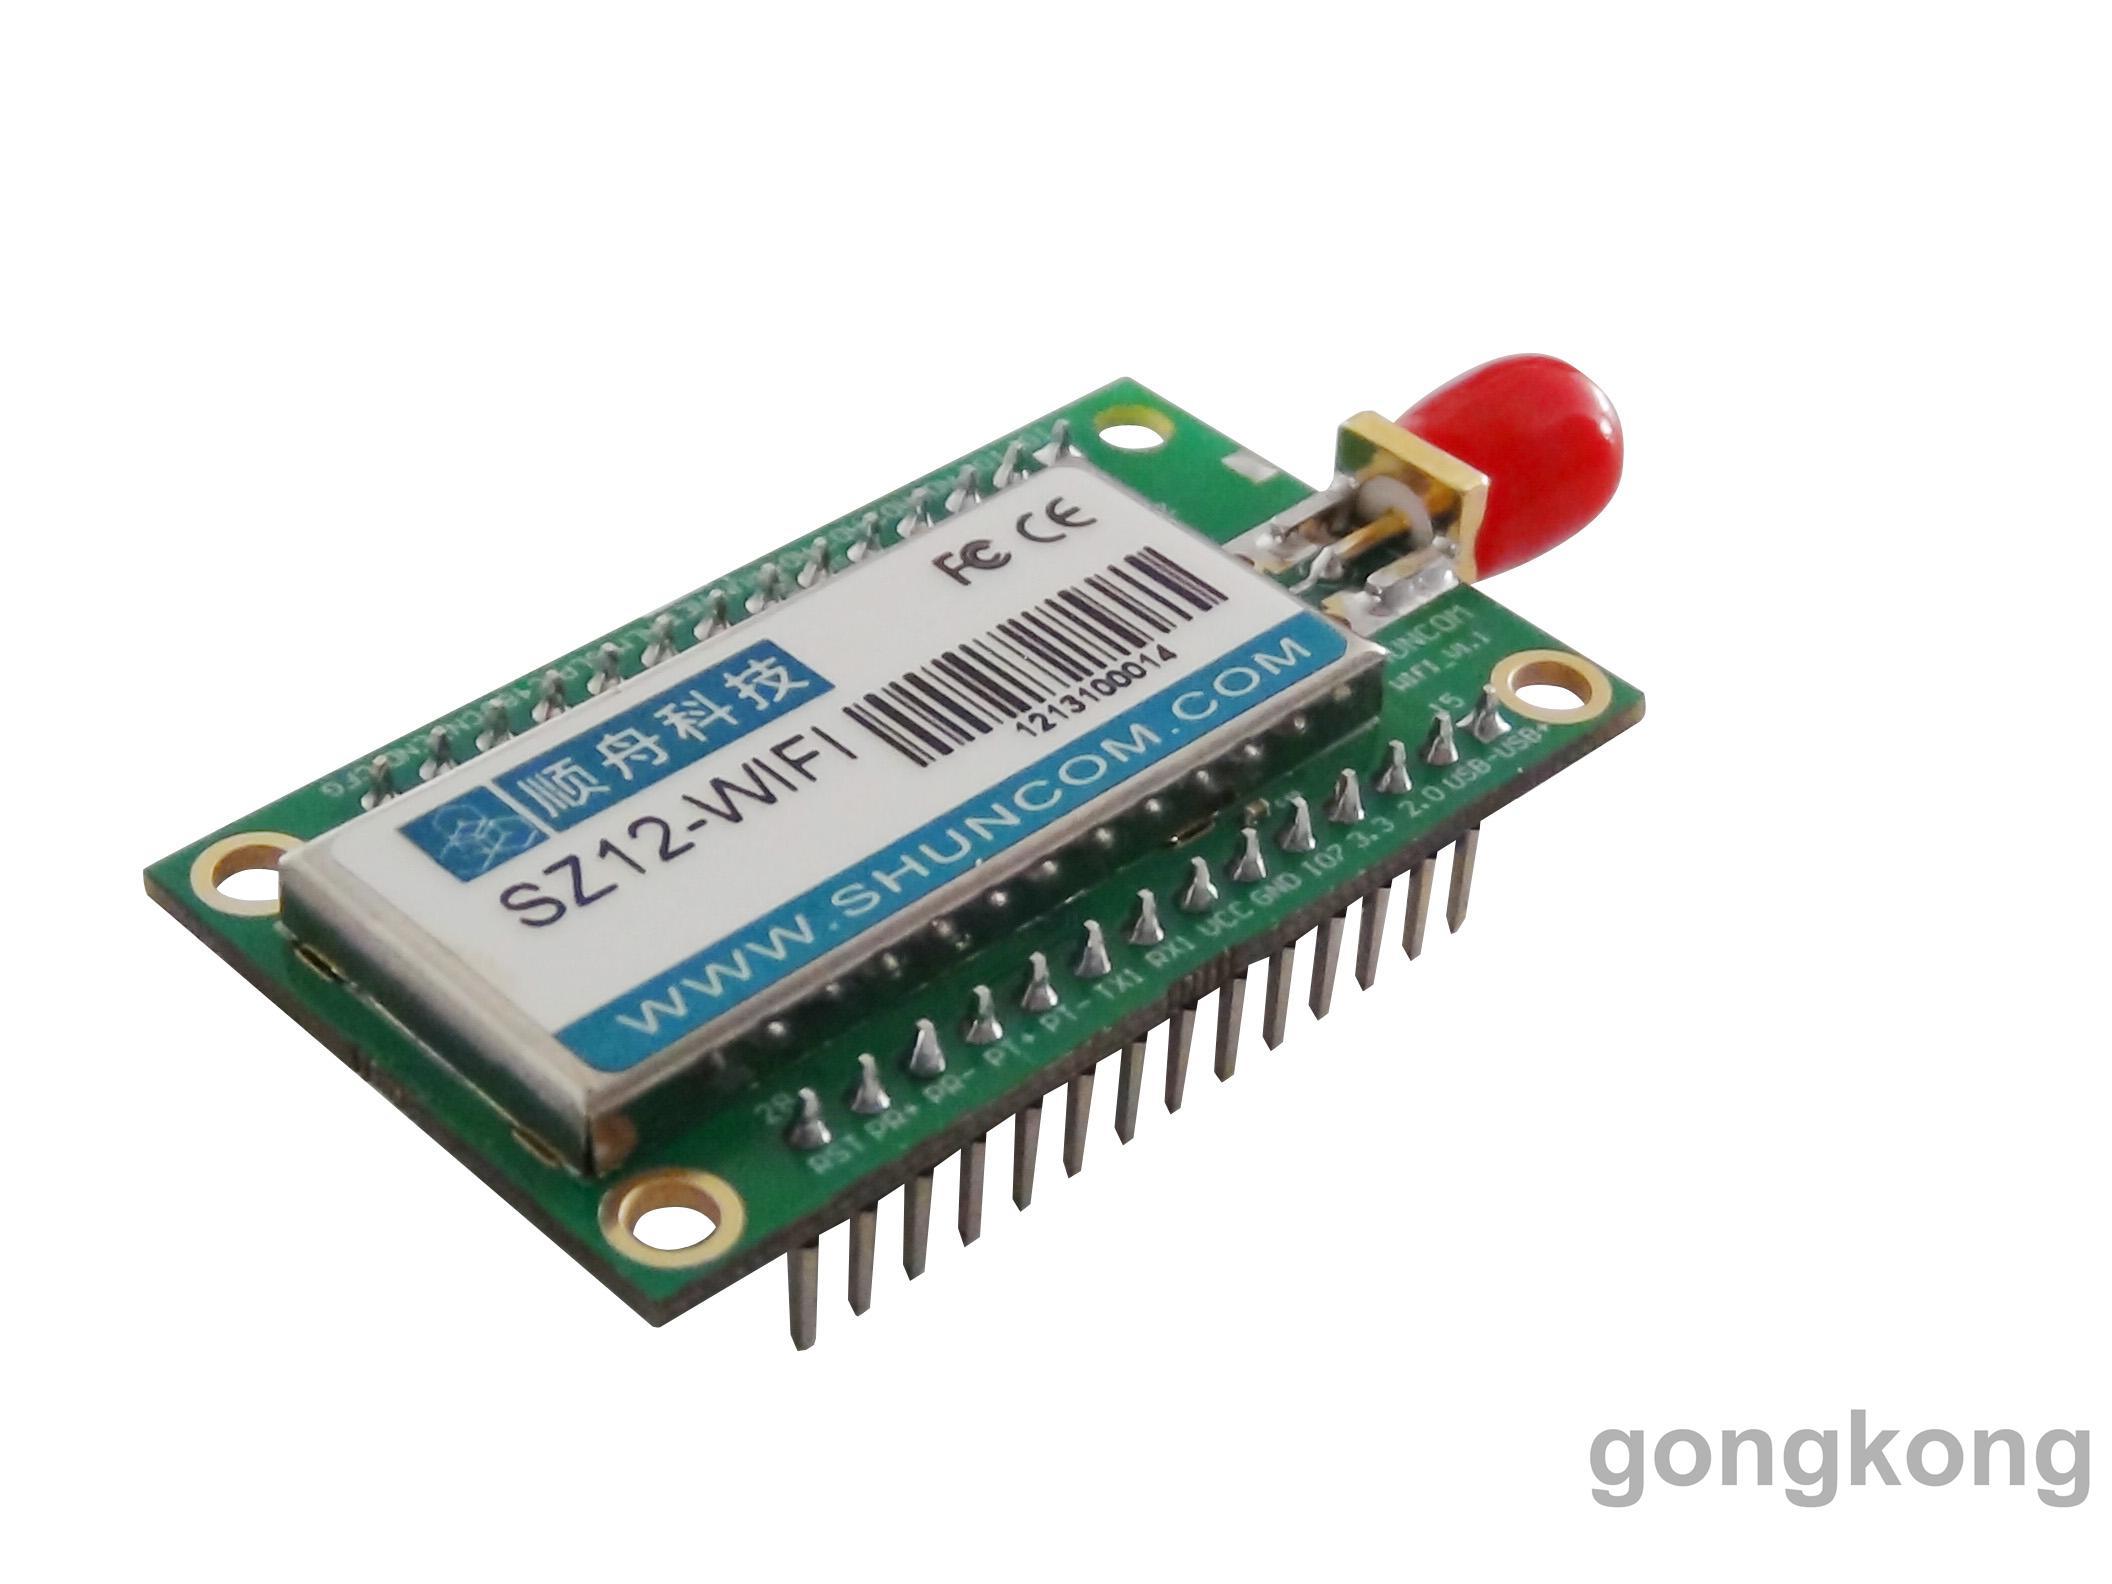 产品简介: wifi模块是基于uart接口的符合wifi无线网络标准的嵌入式